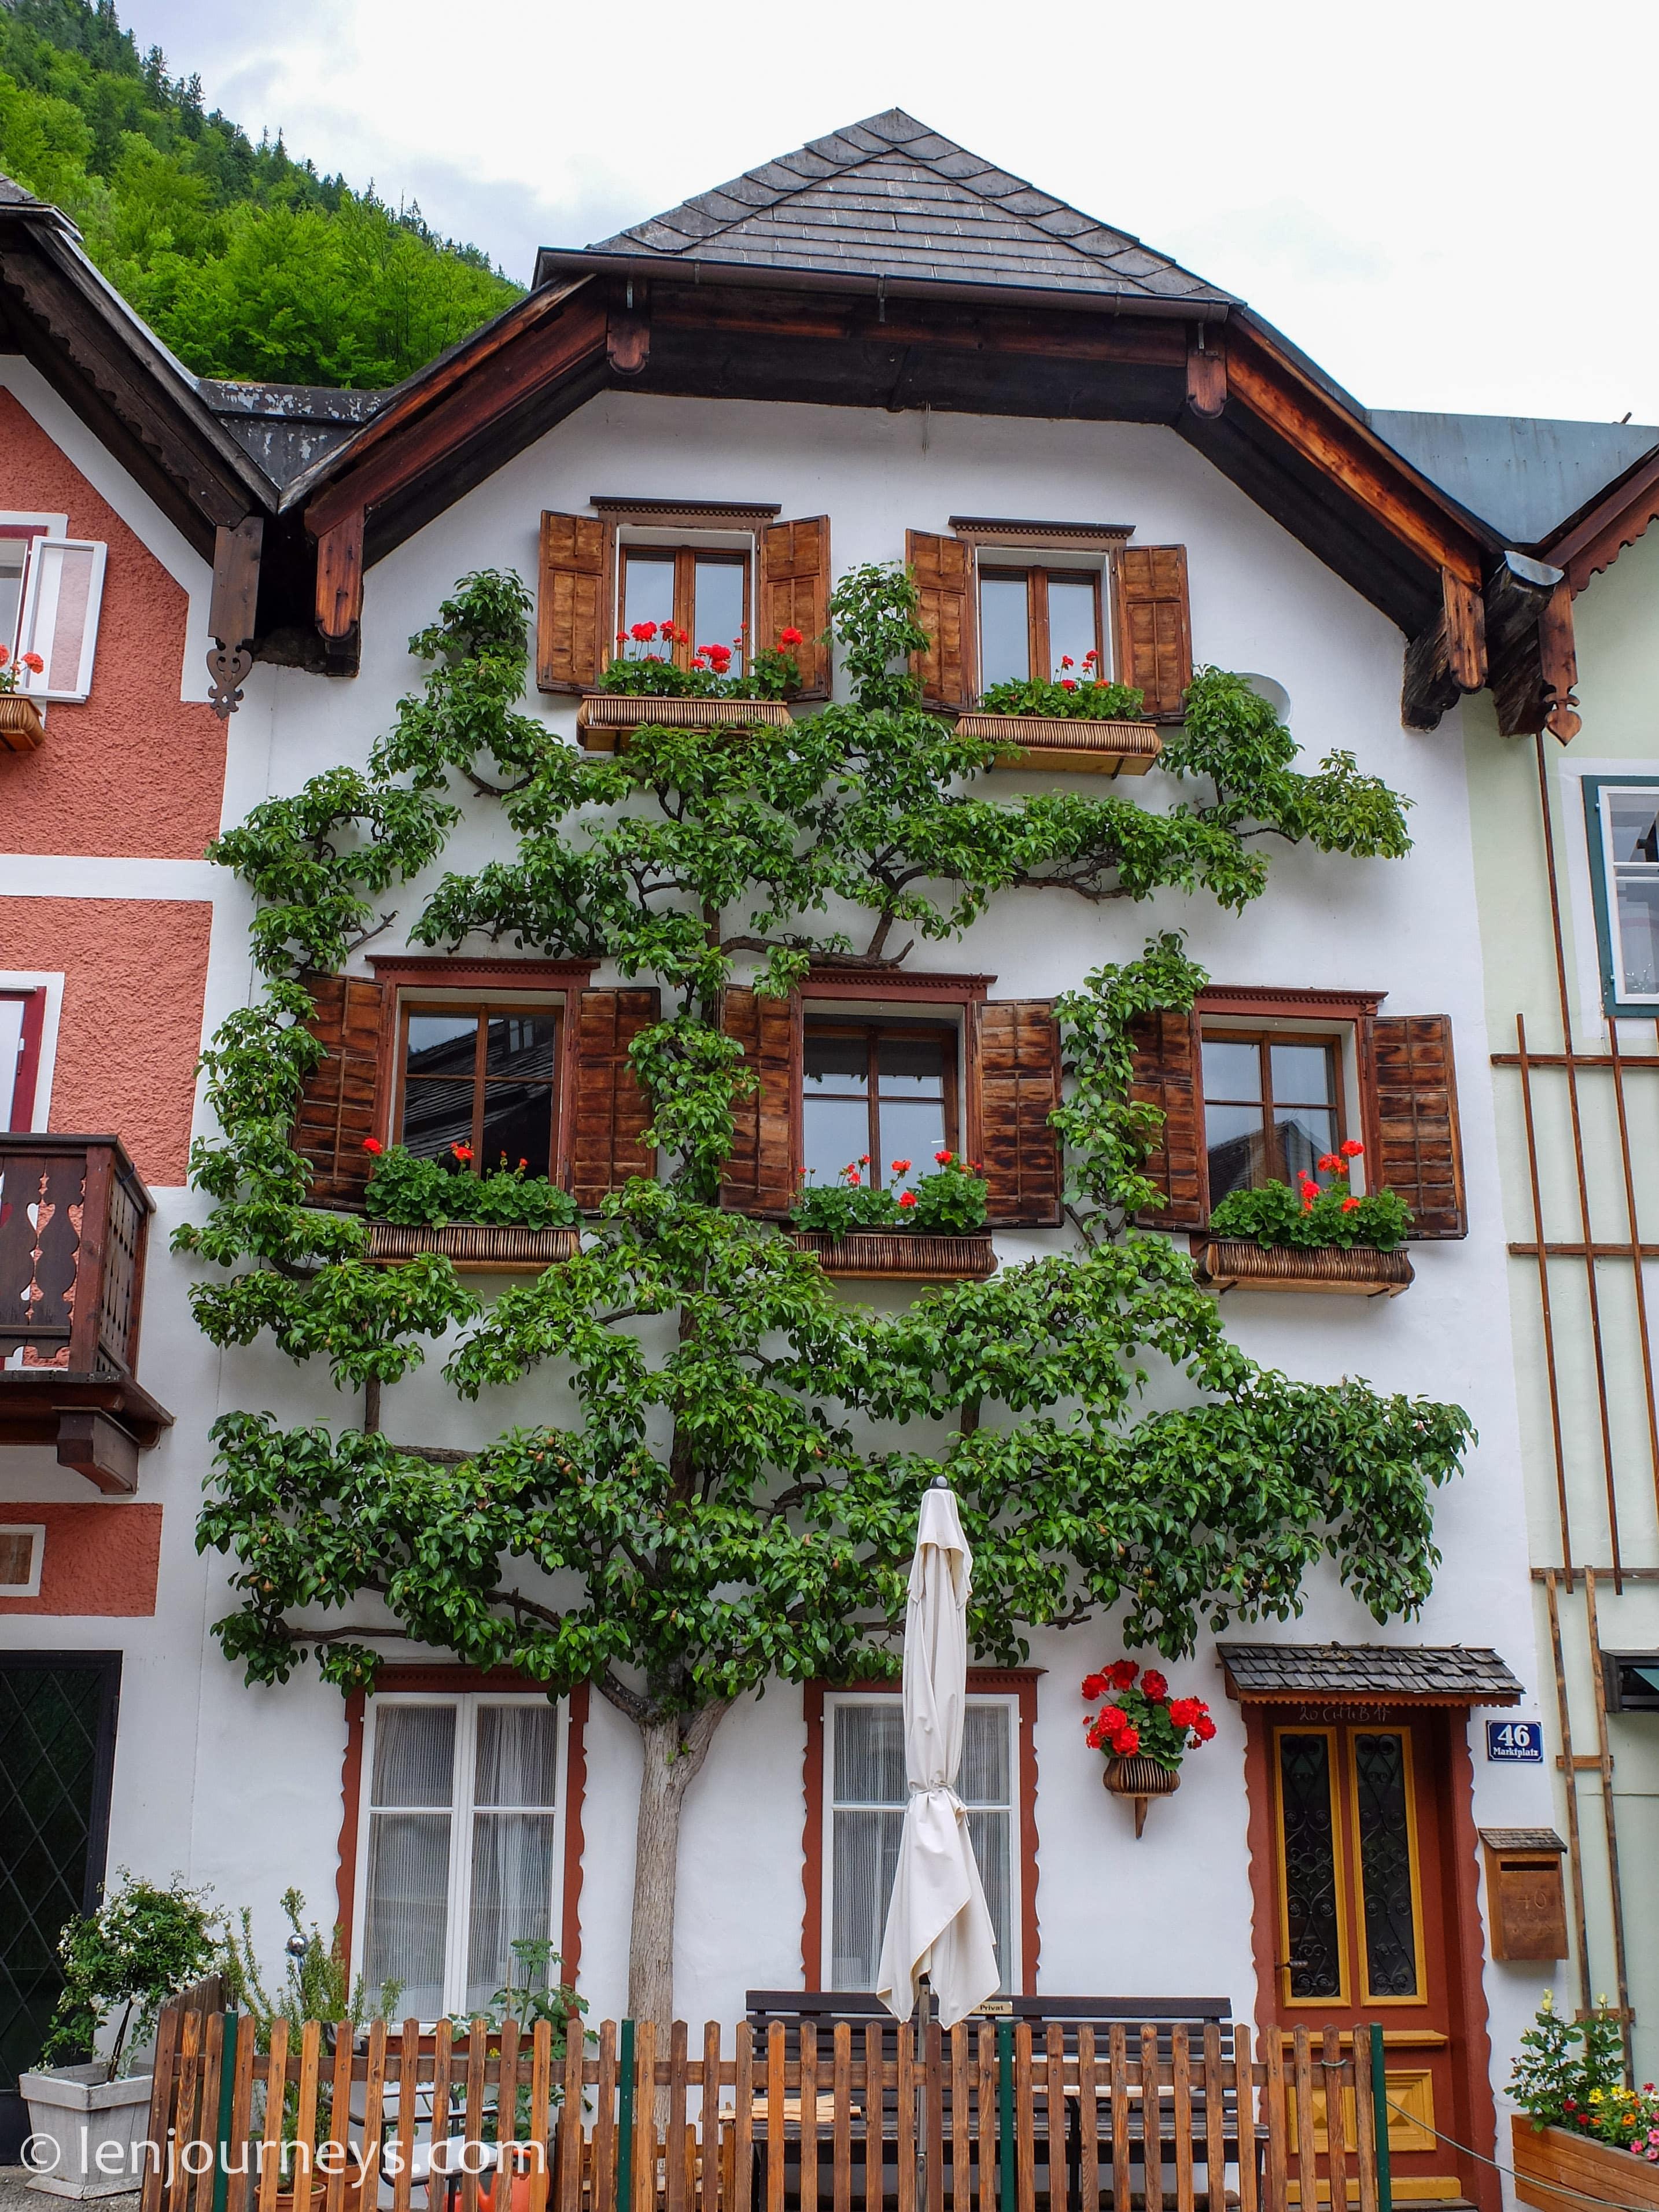 A house in Hallstatt